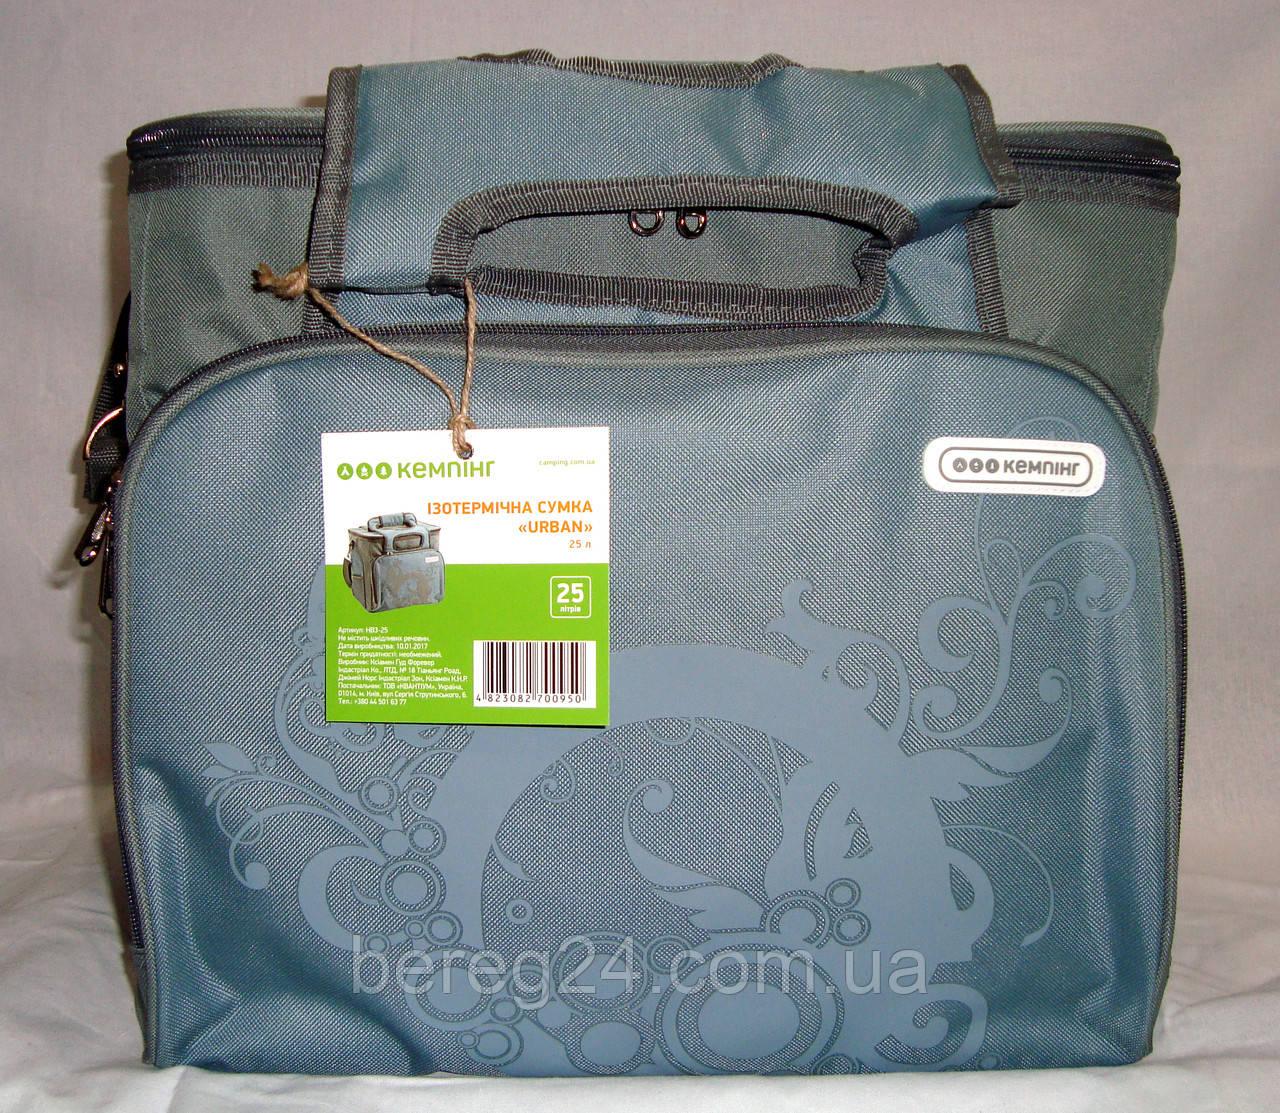 """Изотермическая сумка (сумка-холодильник) """"Urban"""" HB3-25 25 л синяя iзотермiчна сумка"""